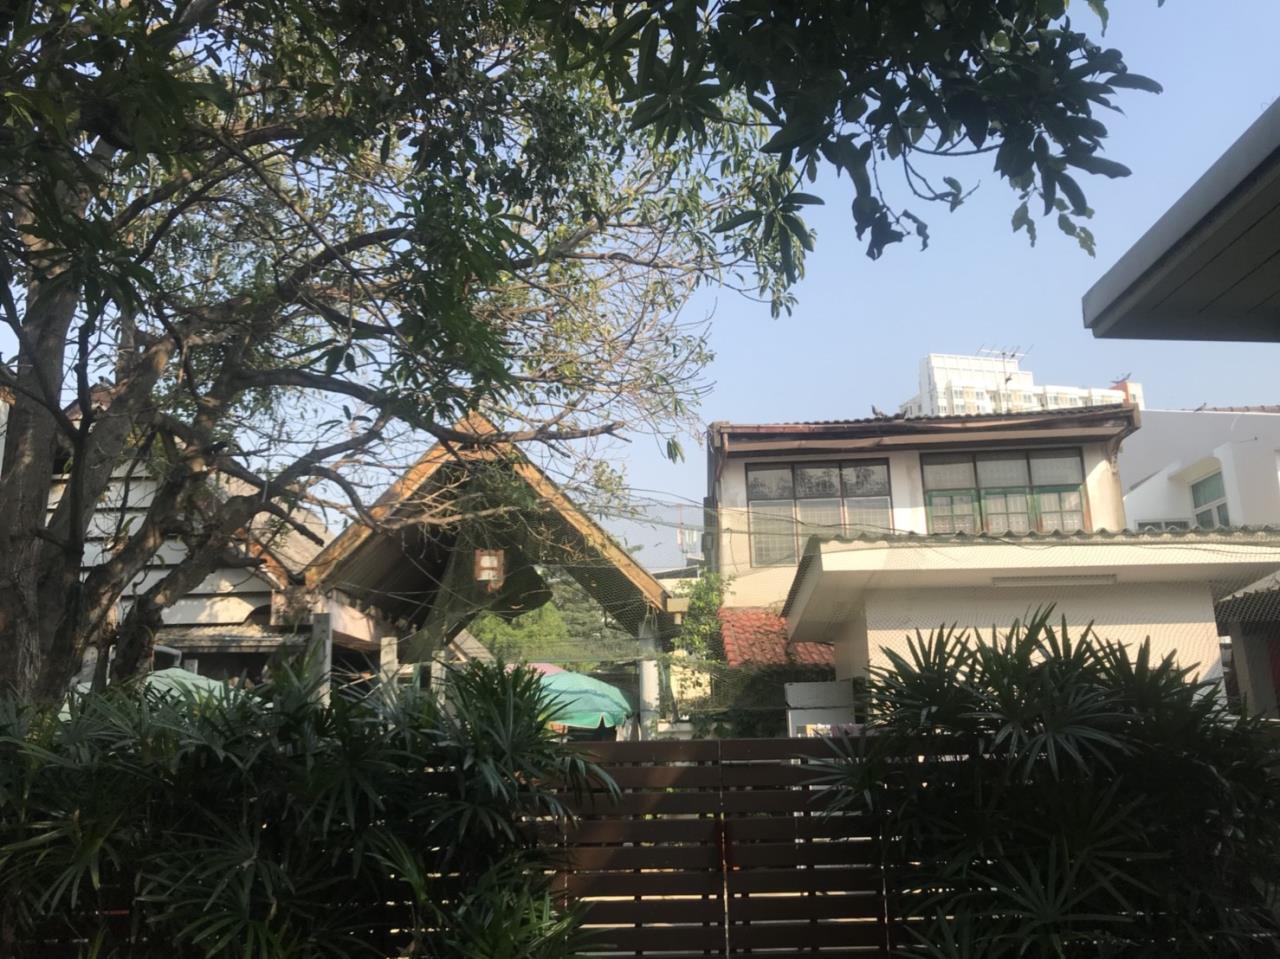 ขาย บ้าน แขวงวงศ์สว่าง เขตบางซื่อ กรุงเทพมหานคร, ภาพที่ 2